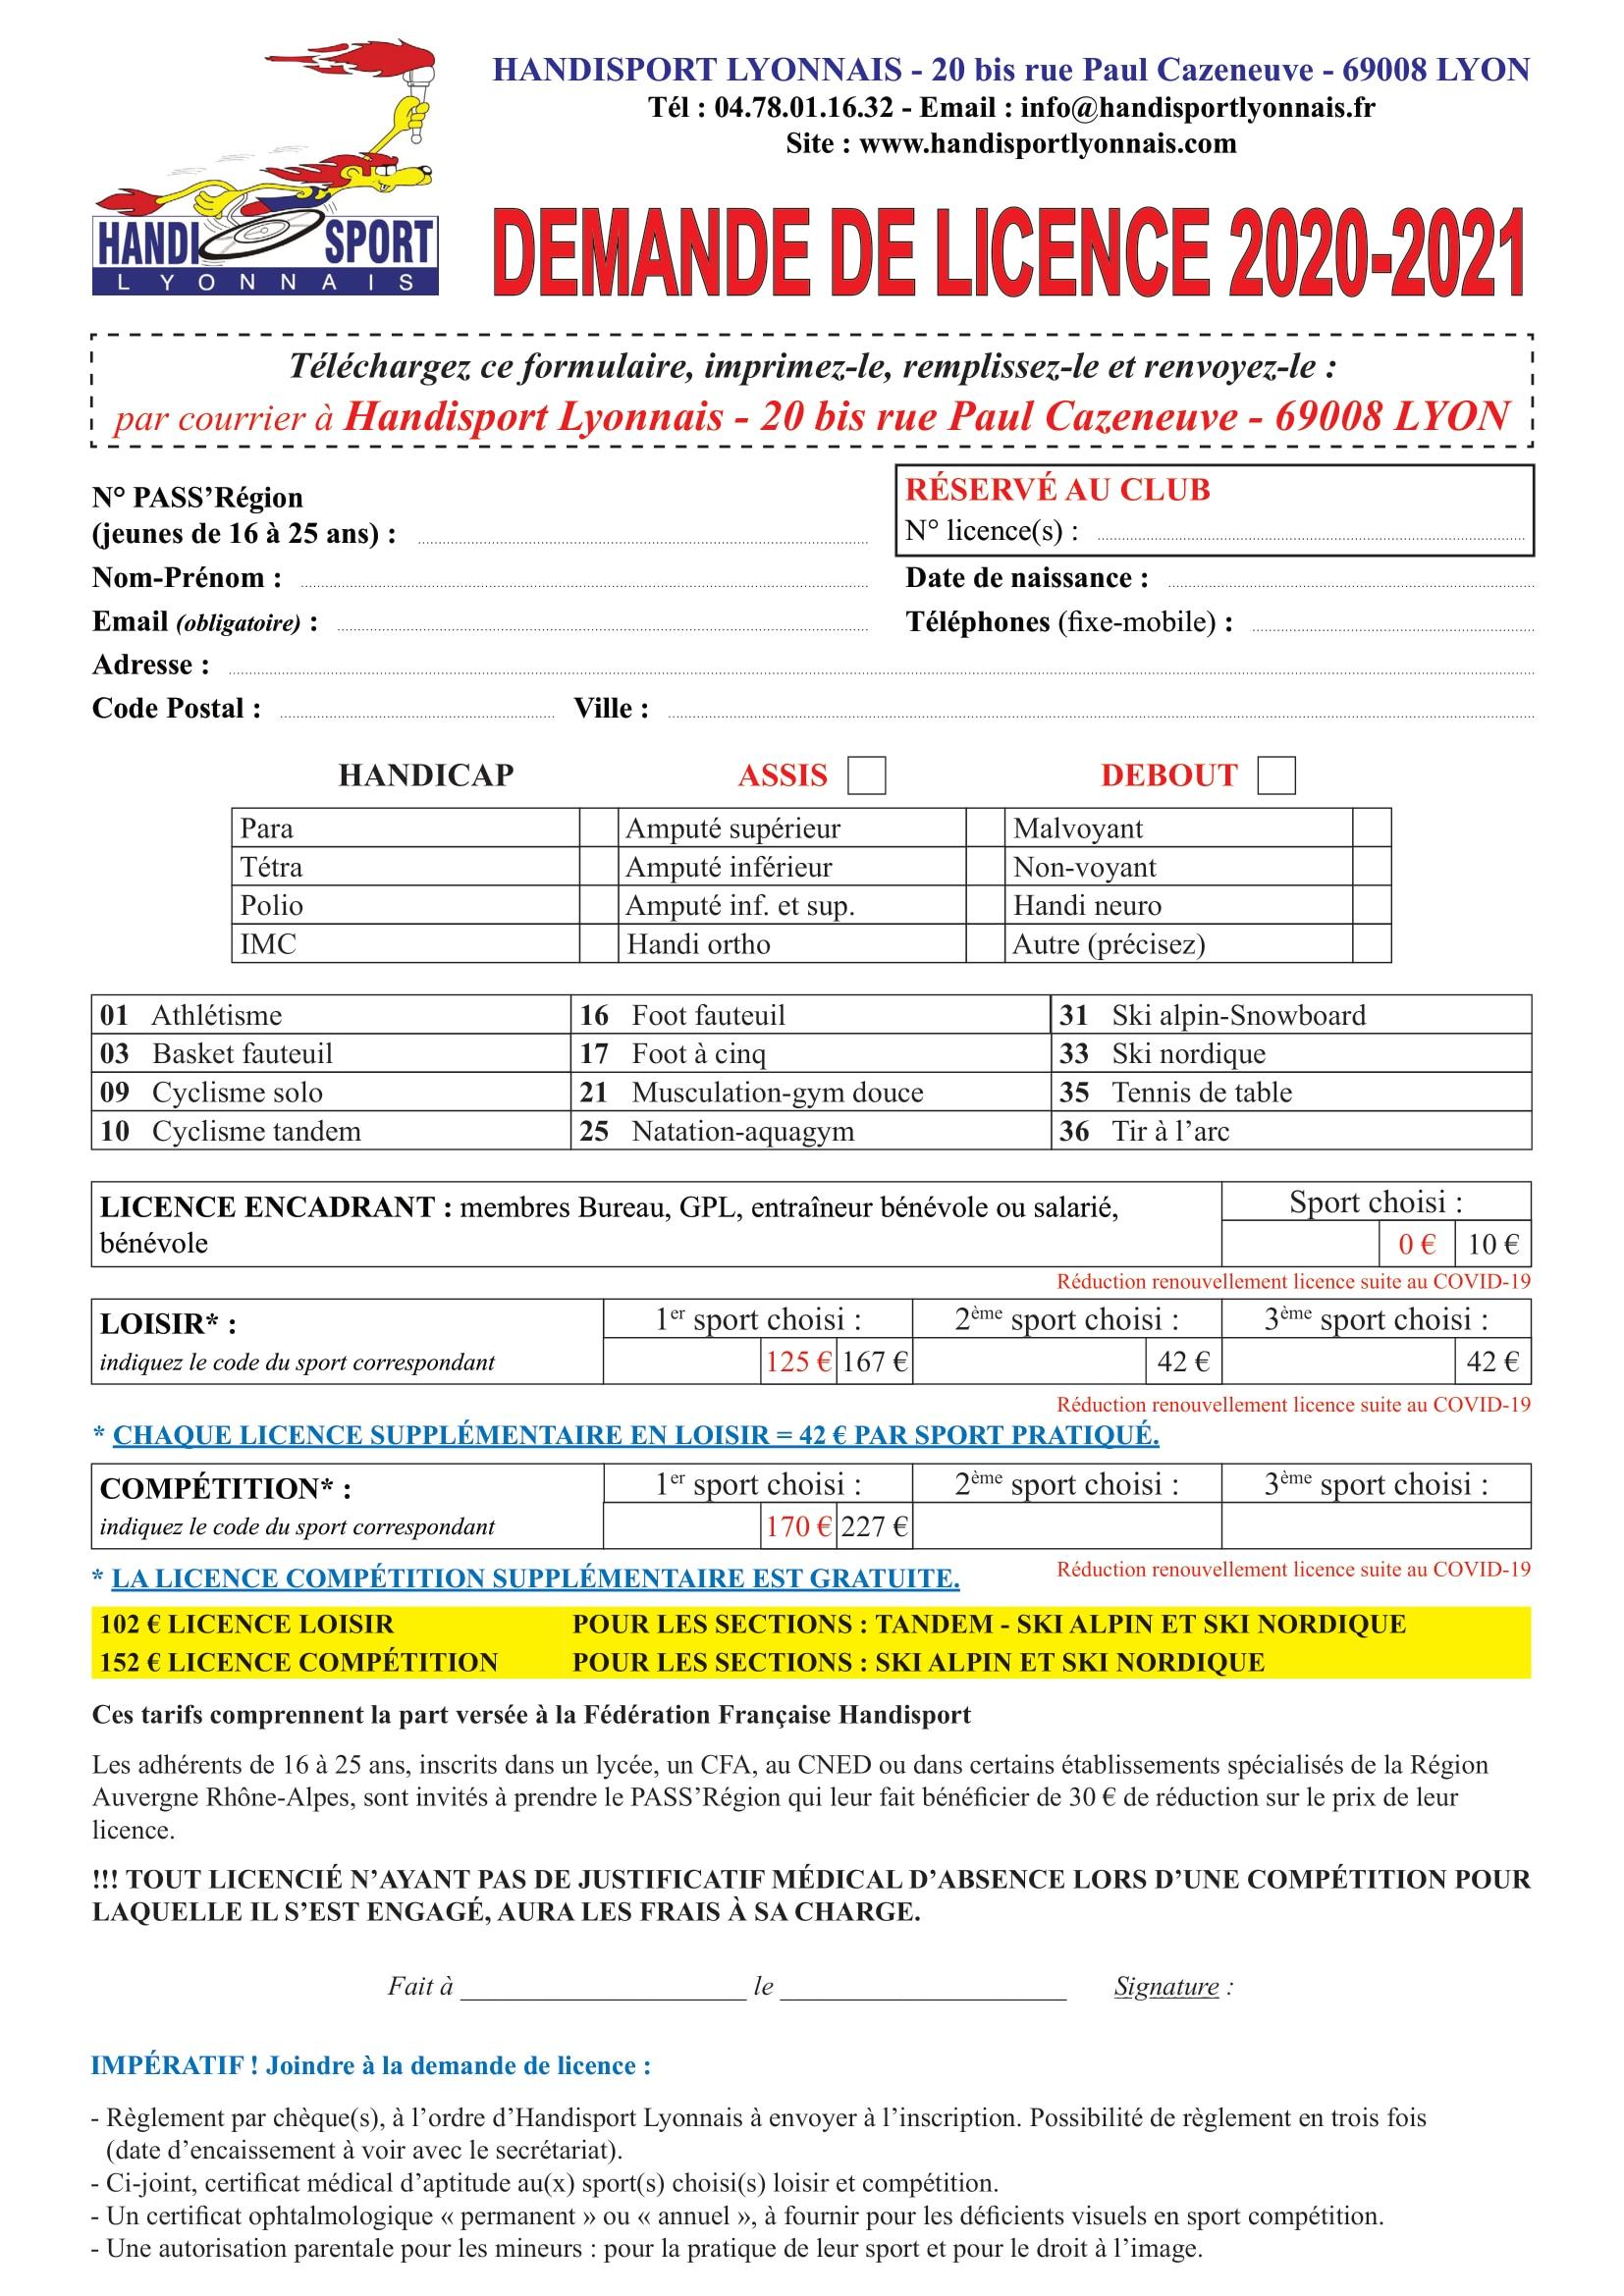 Dossier-inscription-Handisport-Lyonnais 2020-2021